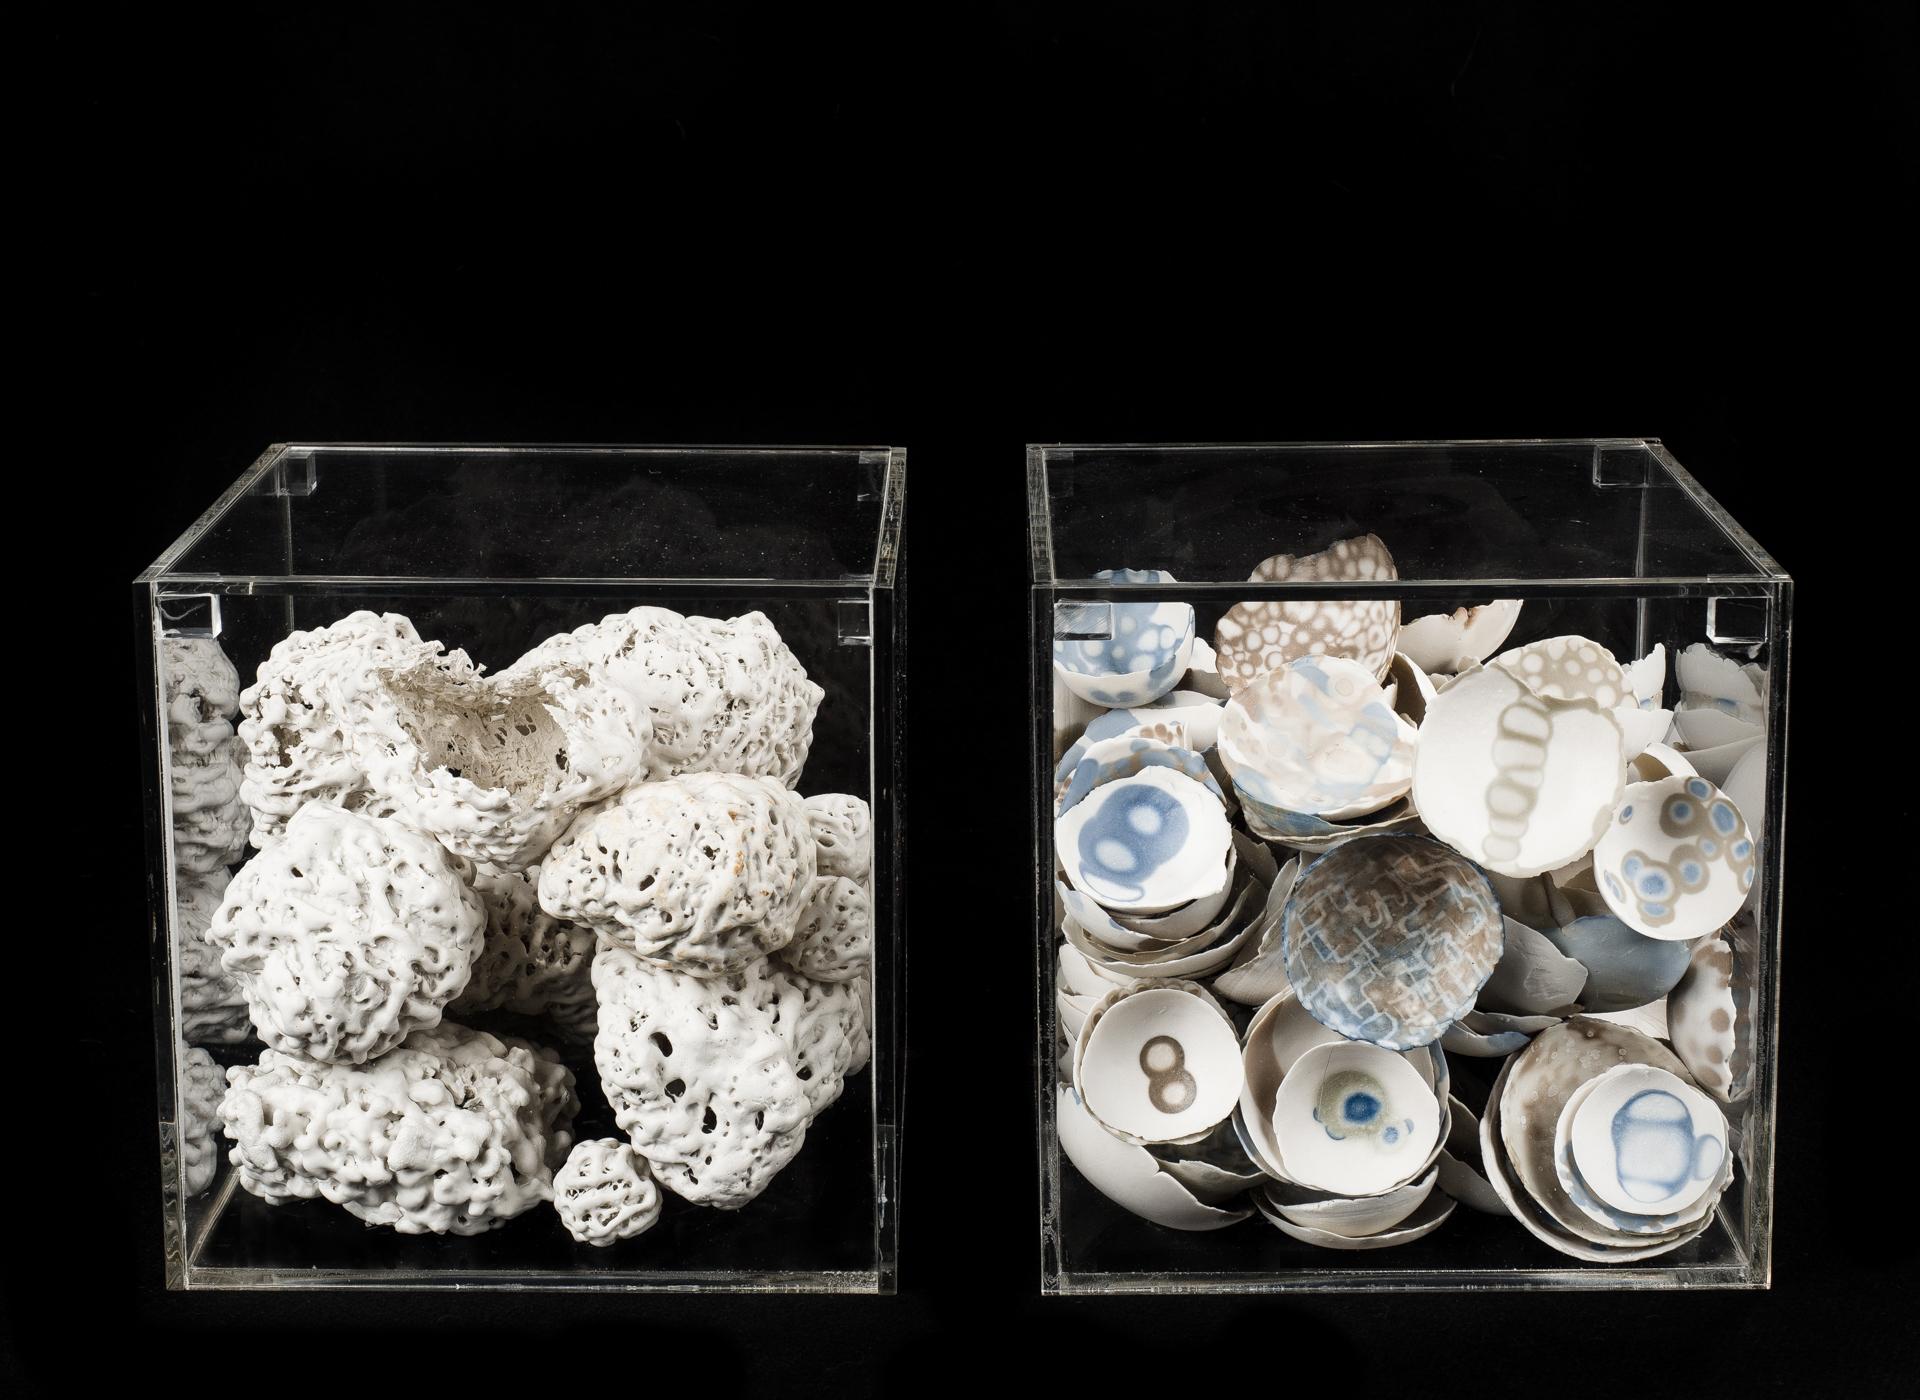 Porcellana, sali metallici, fibre vegetali, plexiglass - 2017